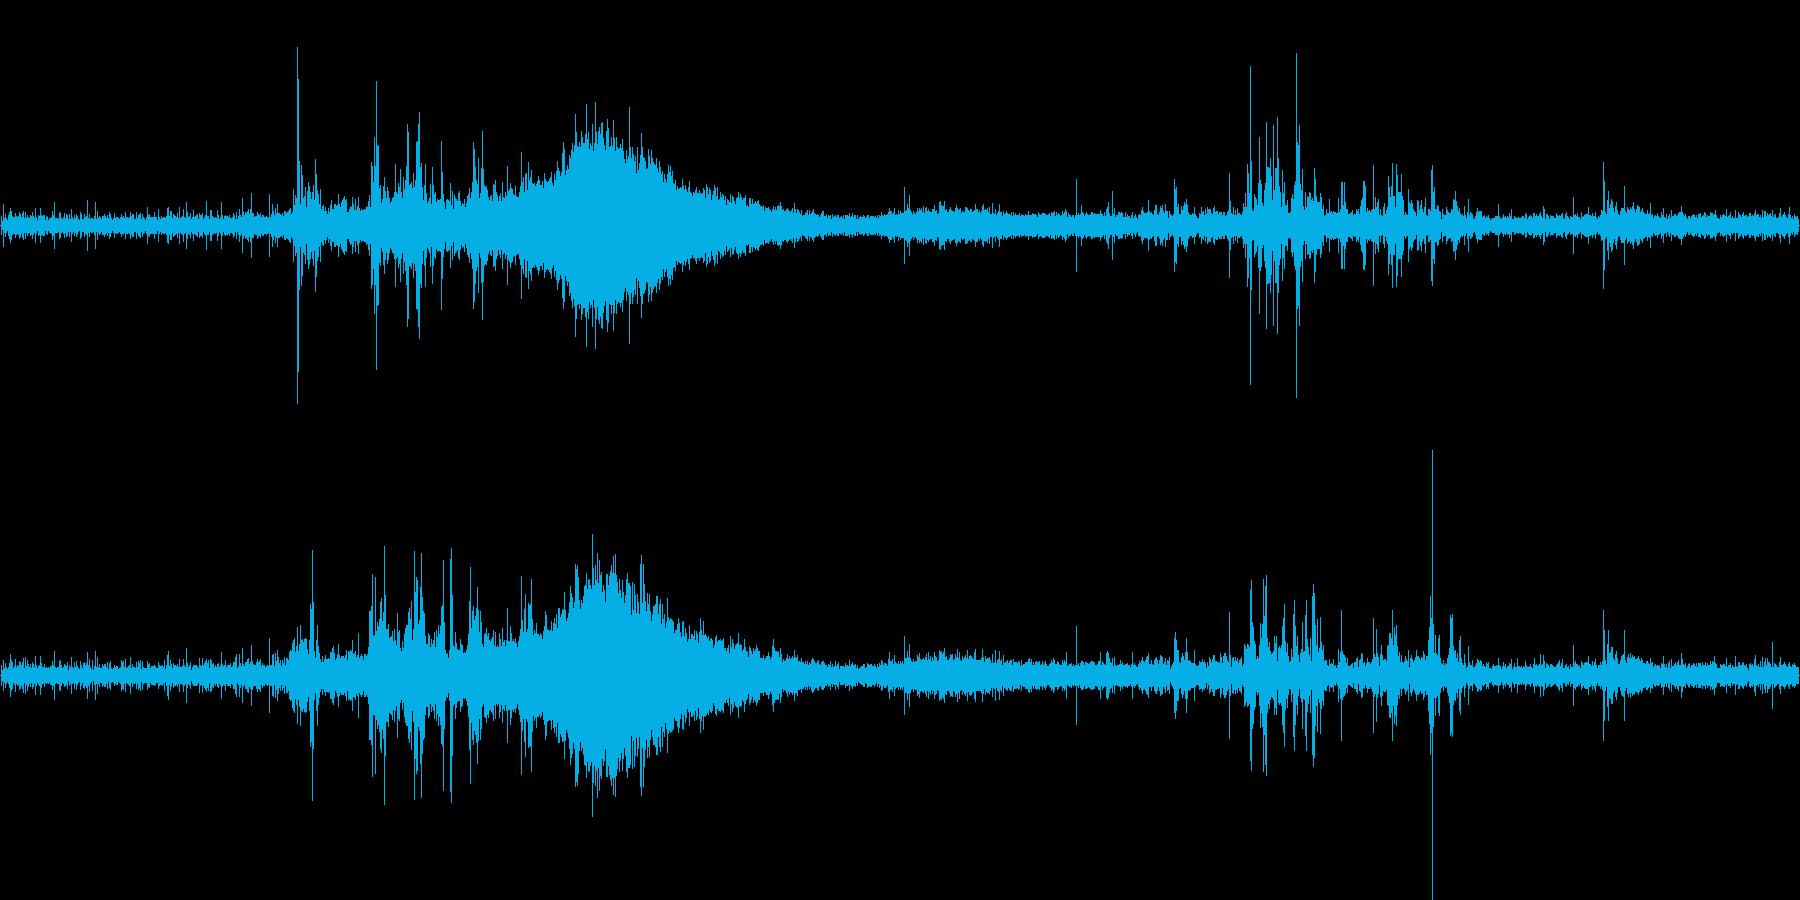 ぱらぱら・ケロケロ・ぶおーん・ぱしゃっの再生済みの波形